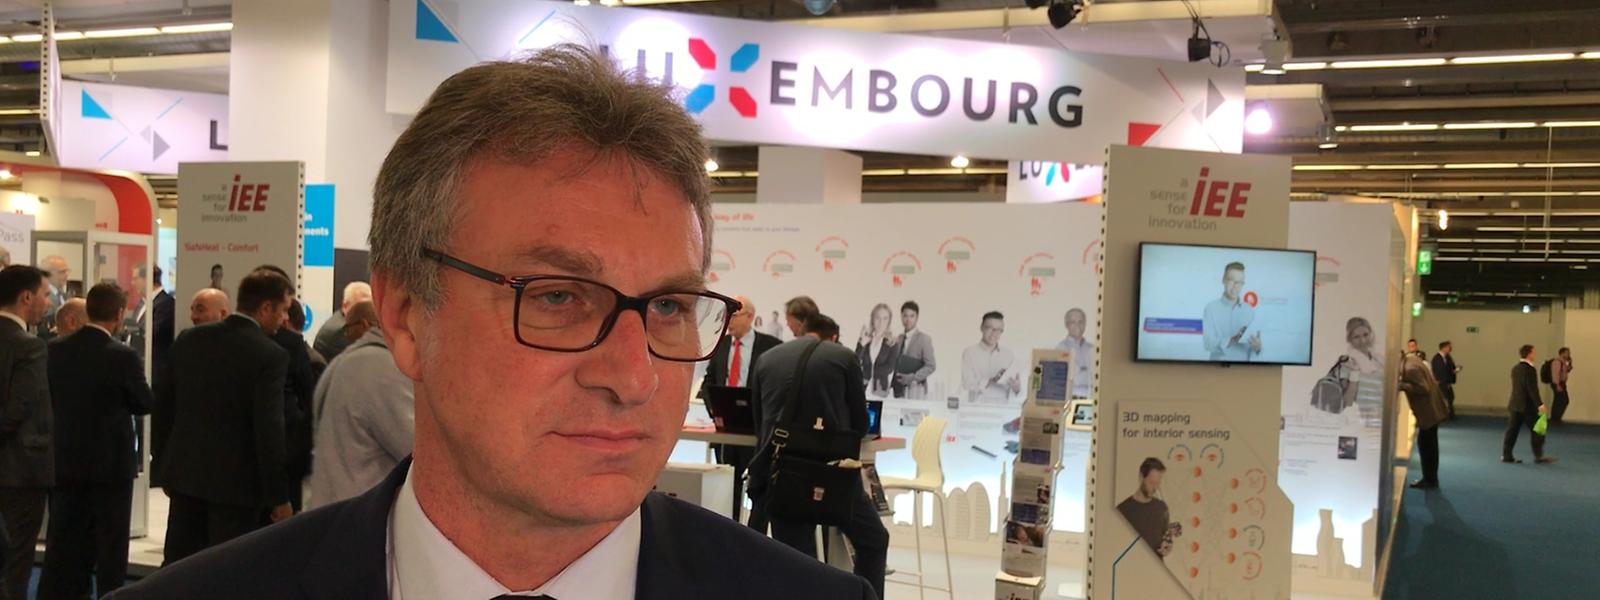 Michel Witte ist CEO und Präsident des luxemburgischen Automobilzulieferers und Sensorspezialisten IEE.